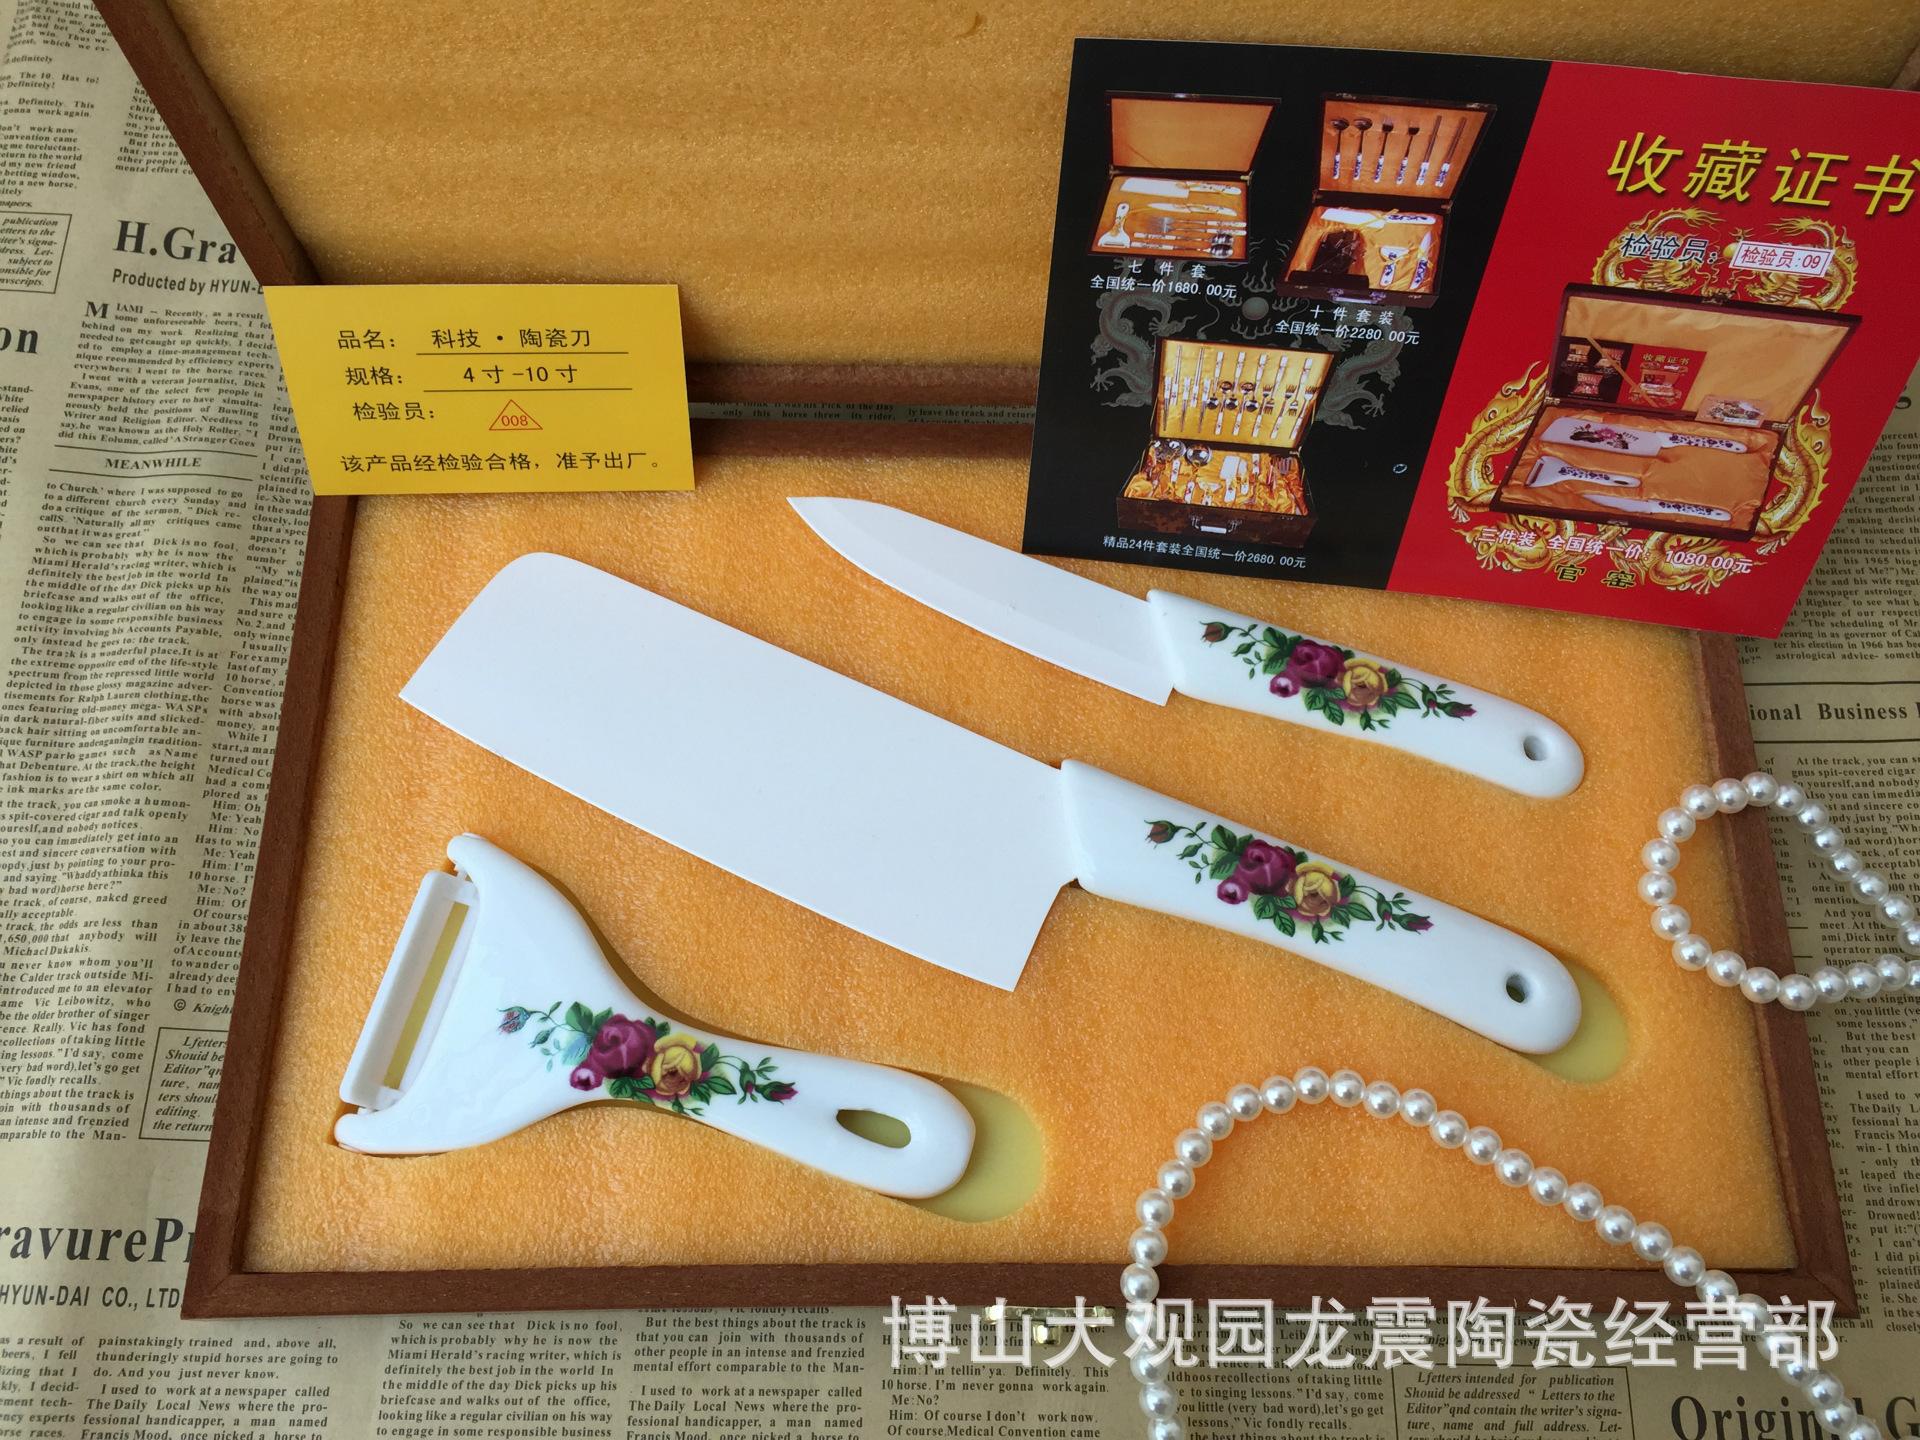 厨房专用陶瓷刀具 优质纳米陶瓷刀套装 ***生产陶瓷刀三件套礼盒